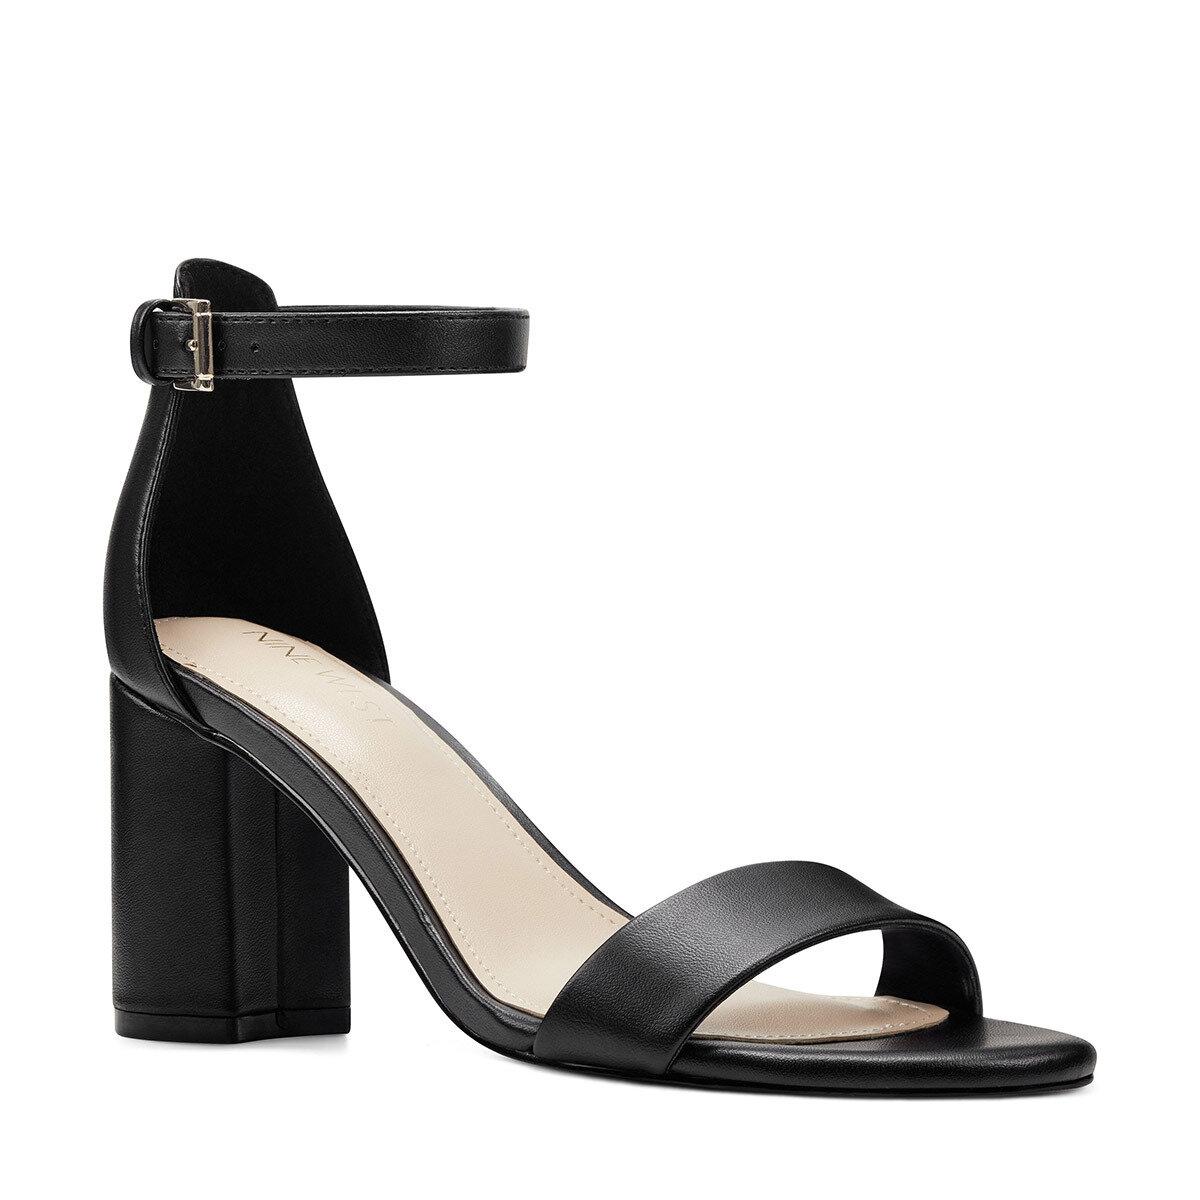 SANDY3 Siyah Kadın Topuklu Sandalet